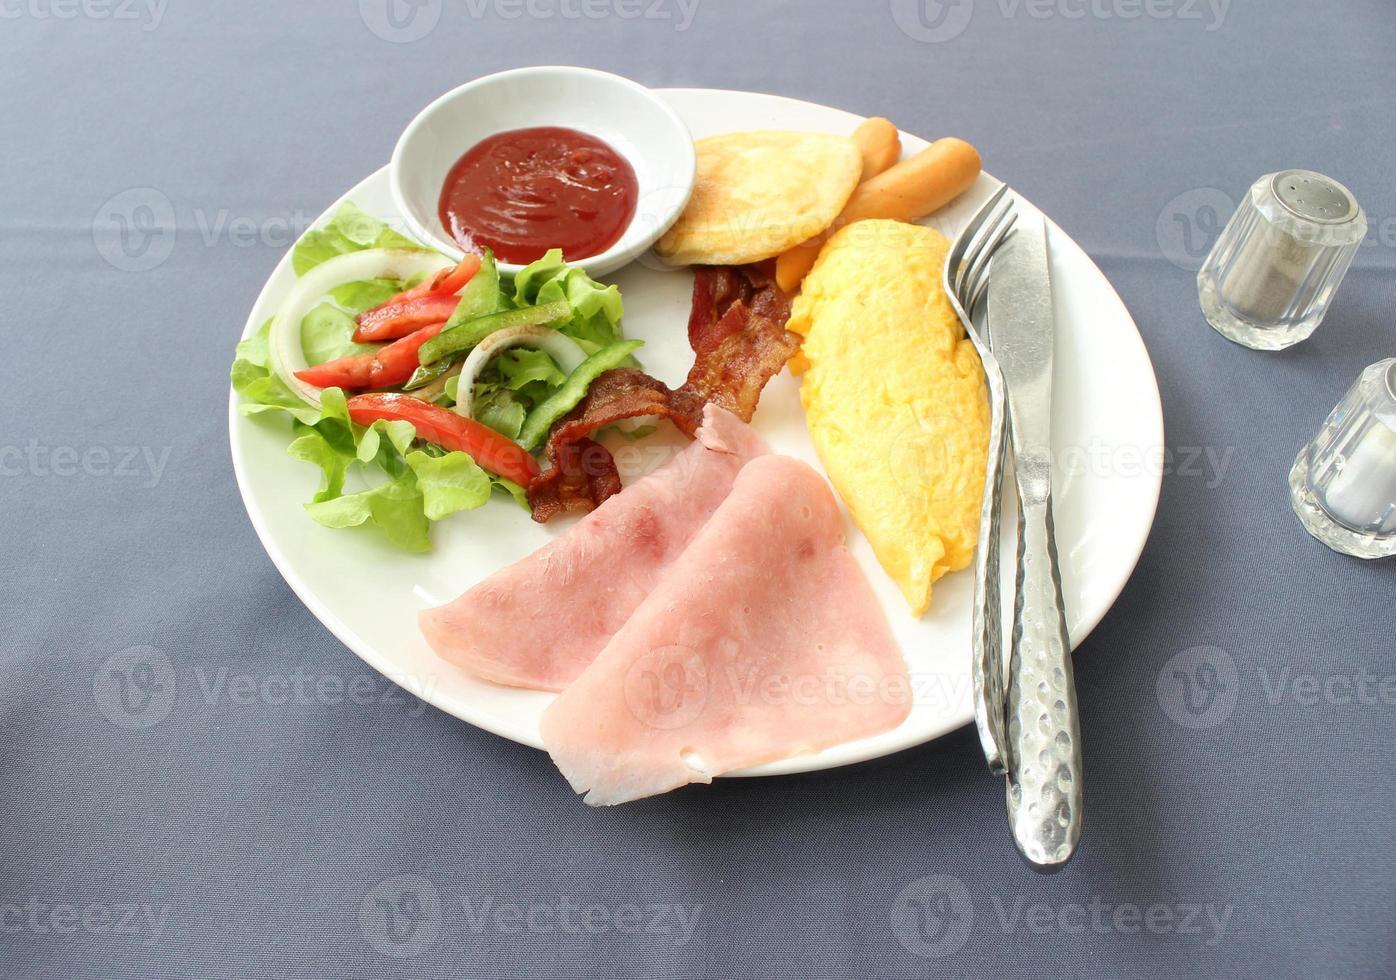 prato de café da manhã foto